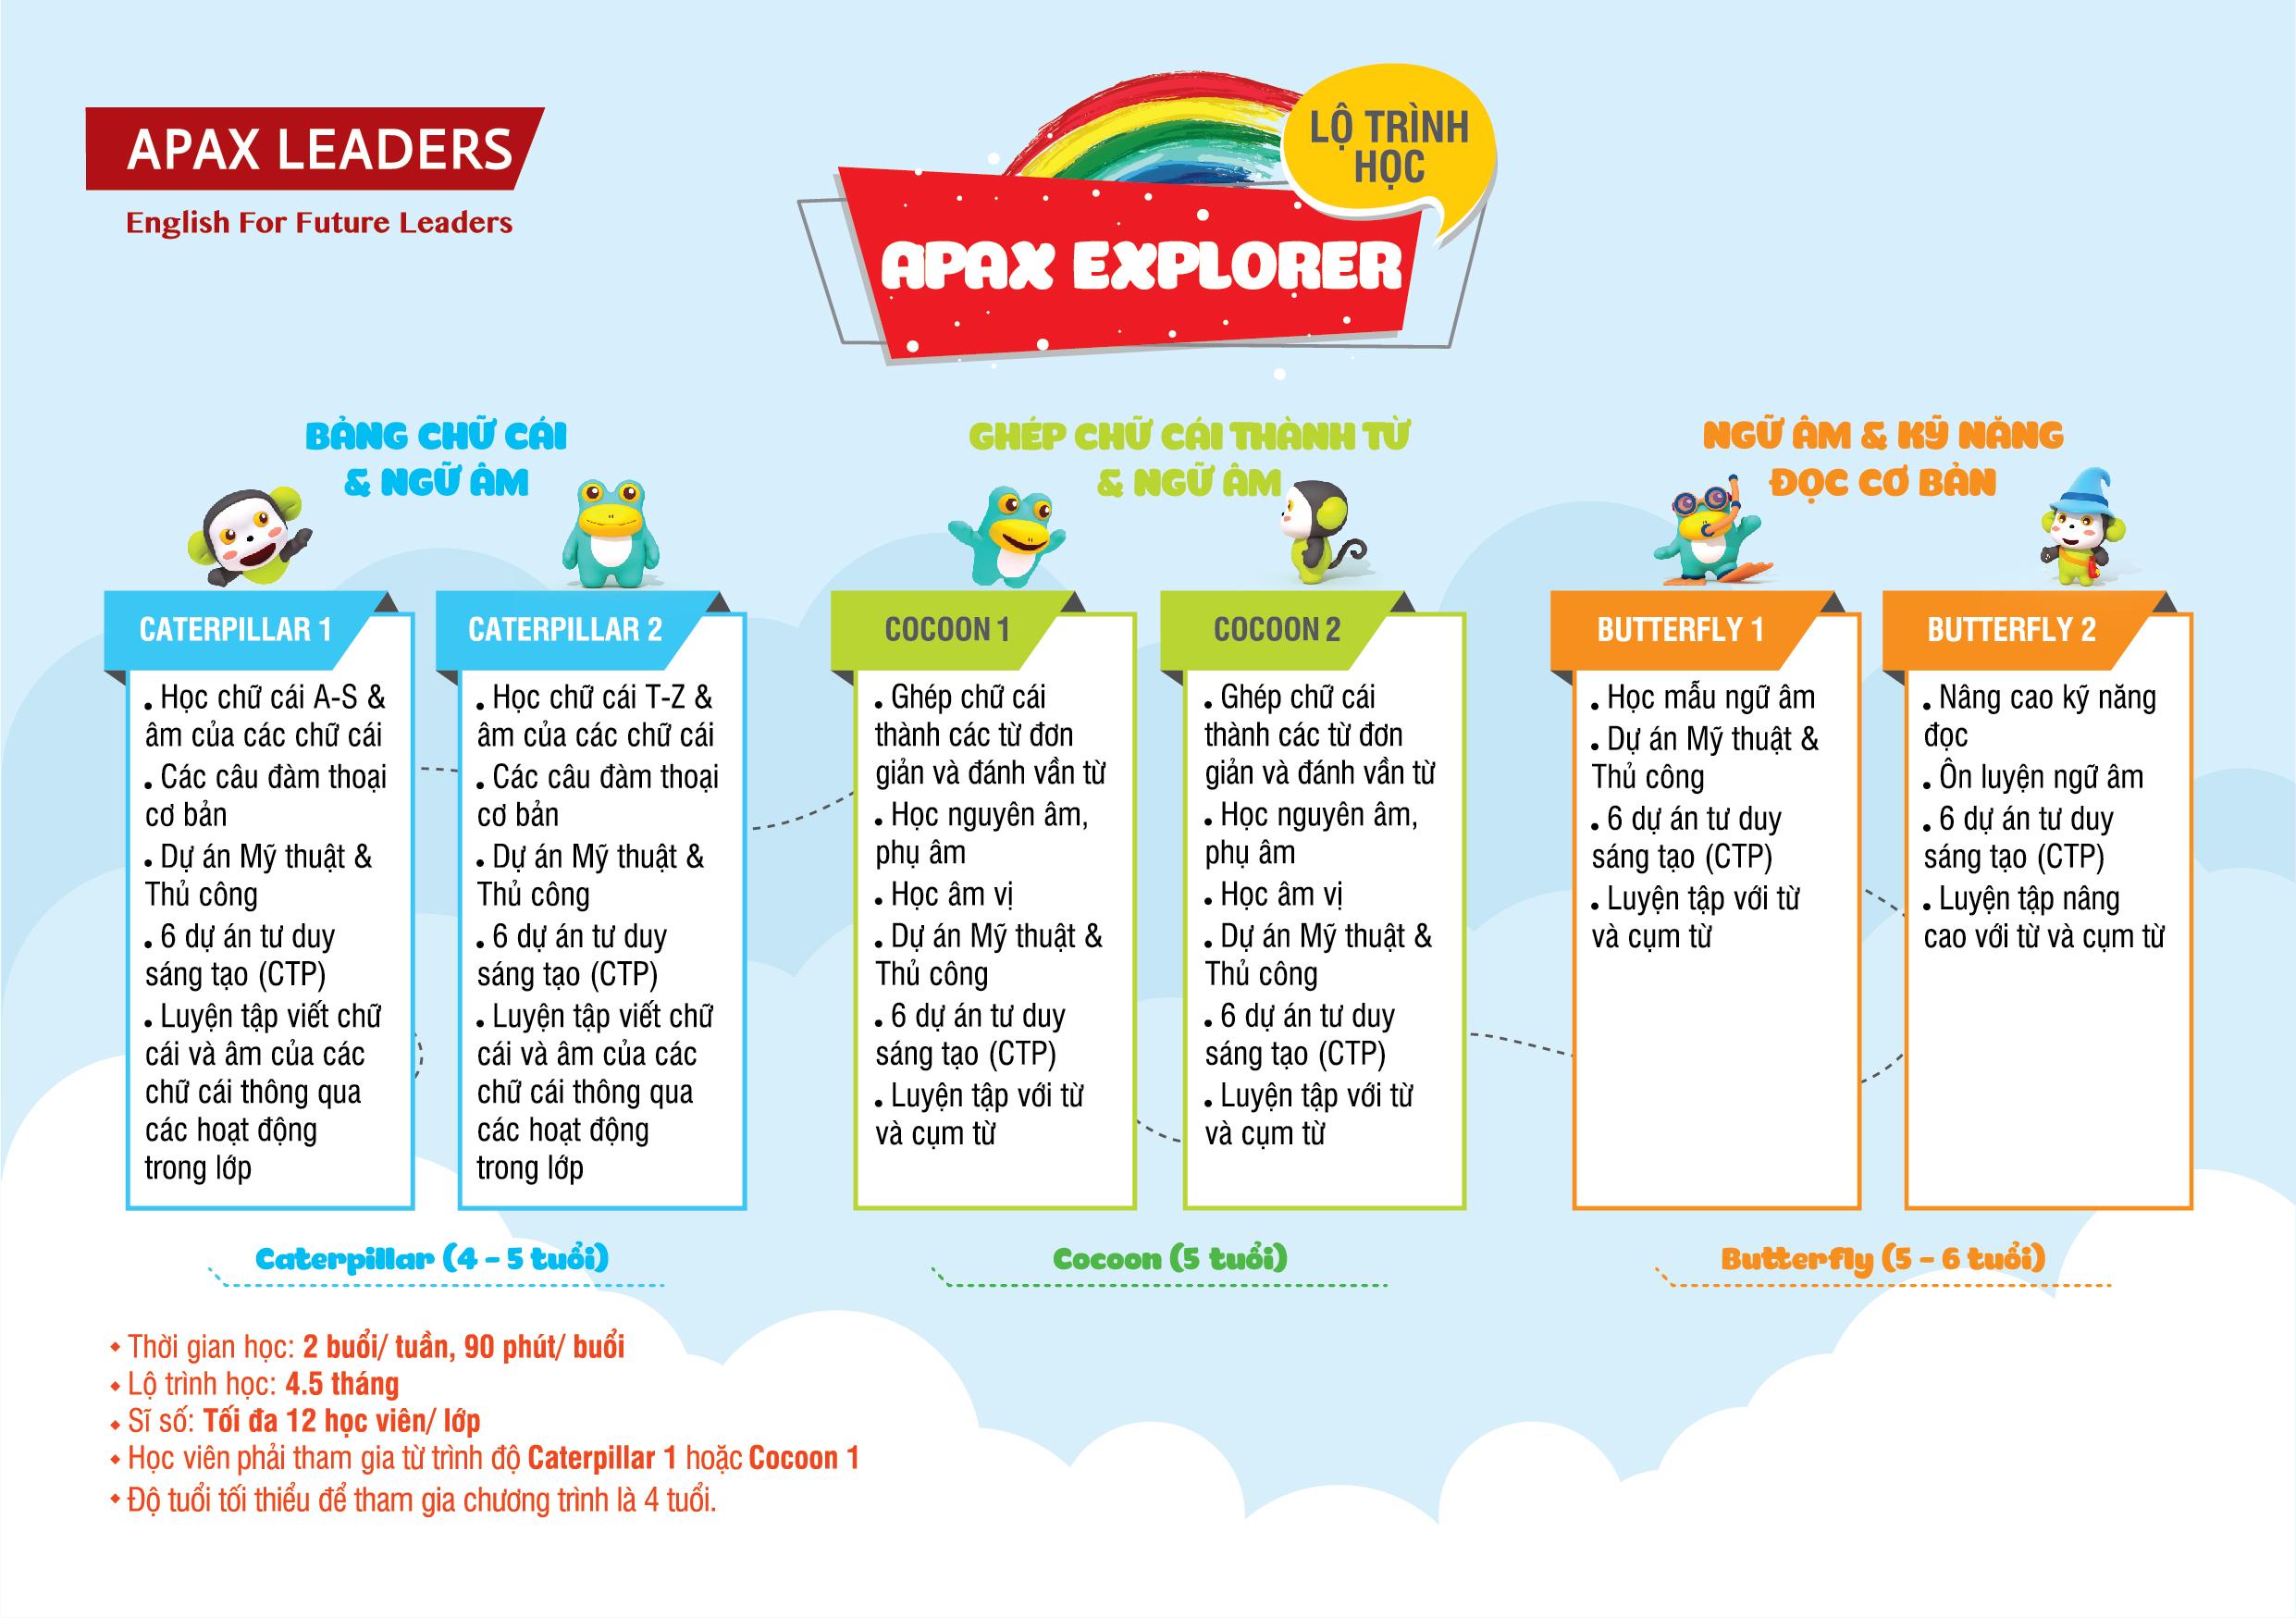 Lộ trình đào tạo Apax Explorer